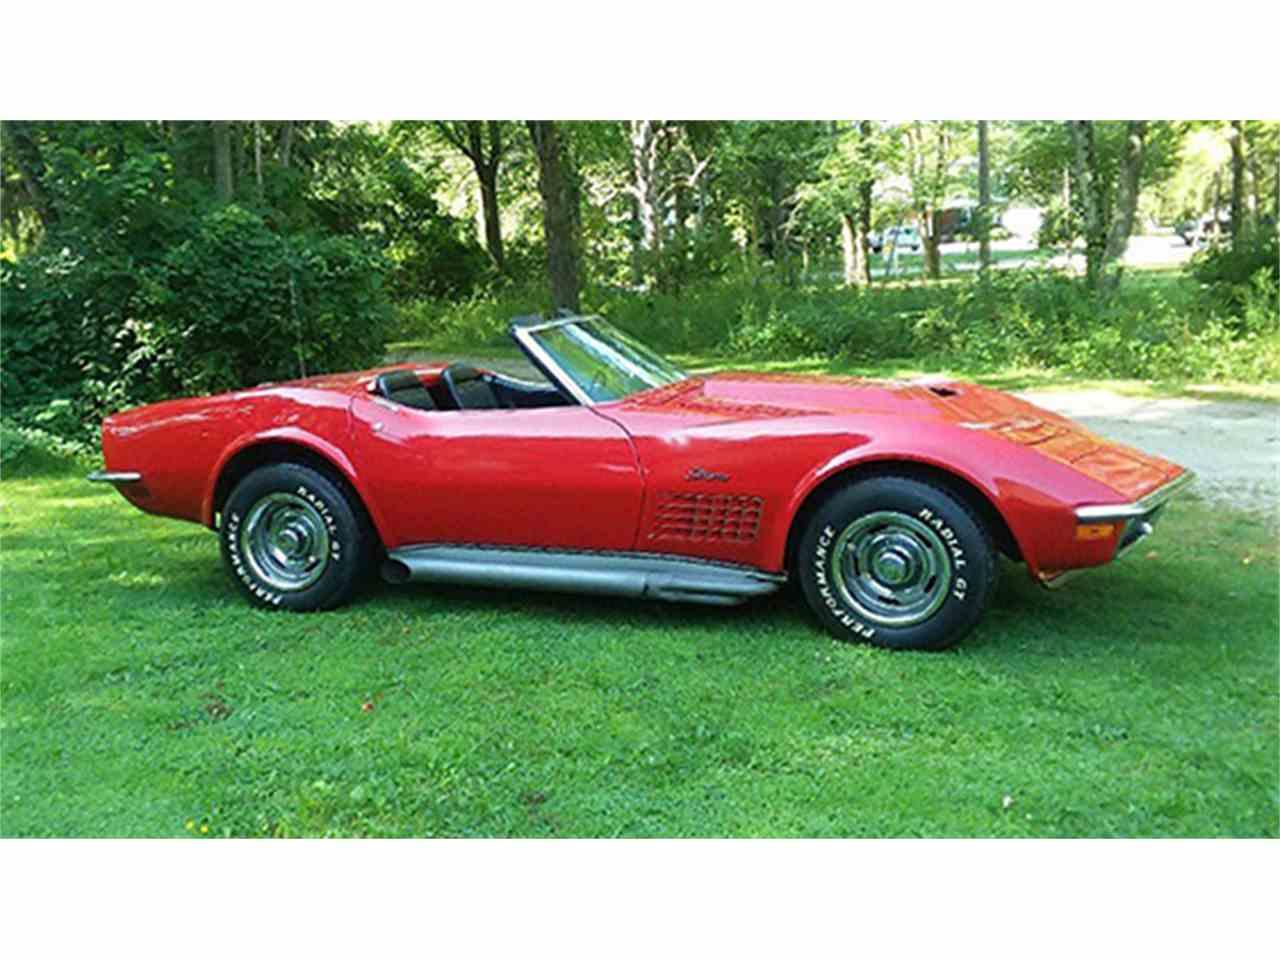 Corvette 1970 chevrolet corvette stingray : 1970 Chevrolet Corvette Stingray Convertible for Sale ...